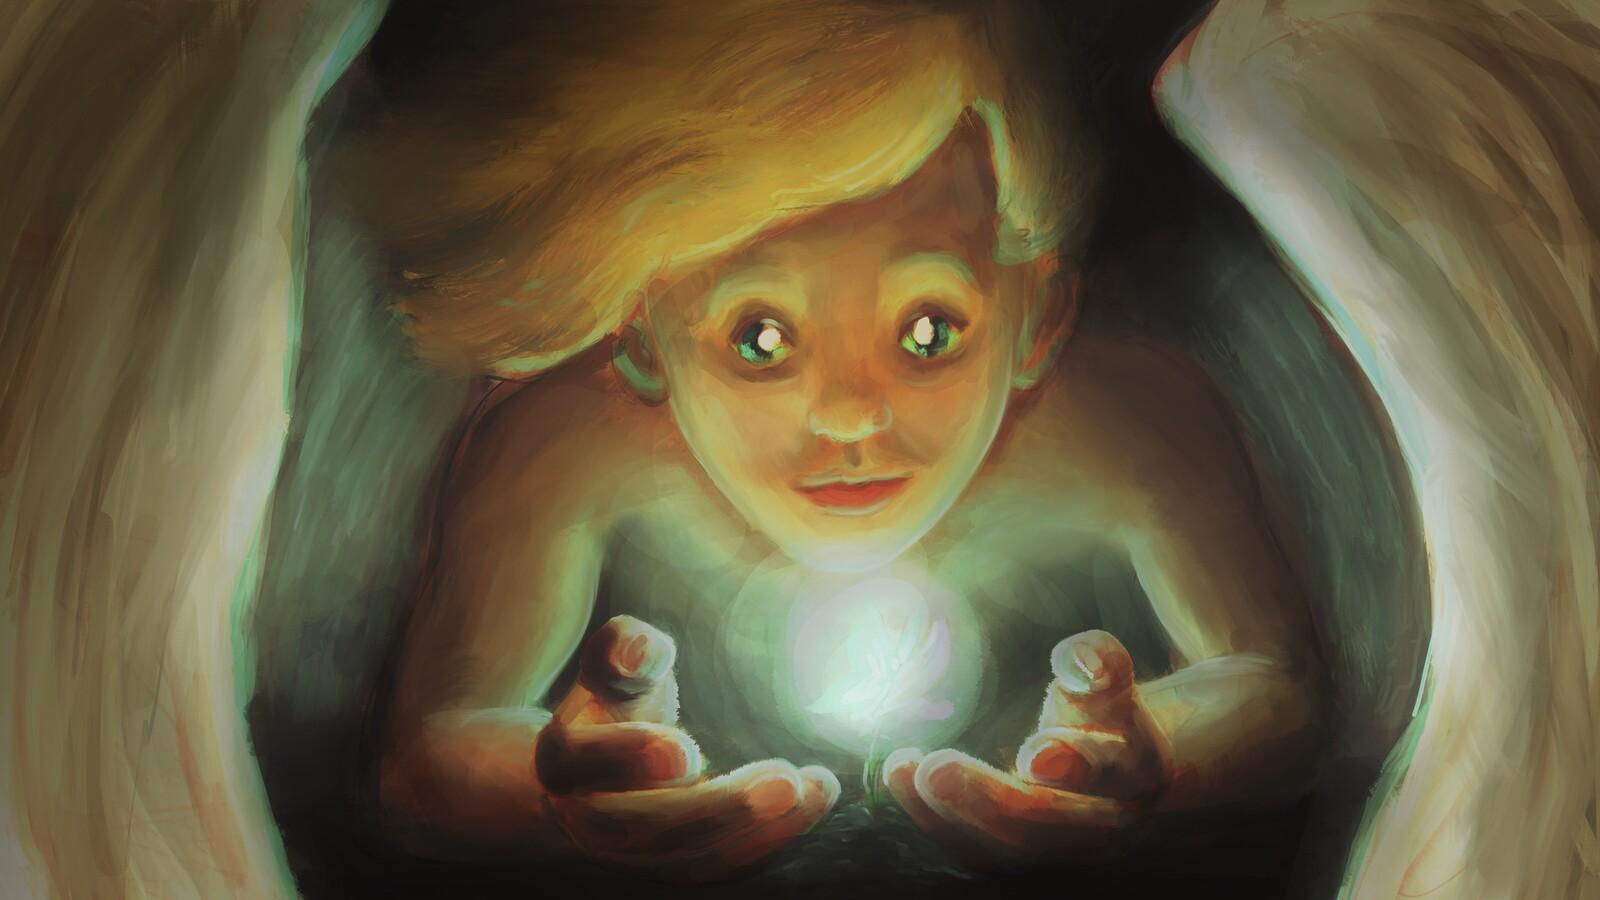 Cherub grom finds a light